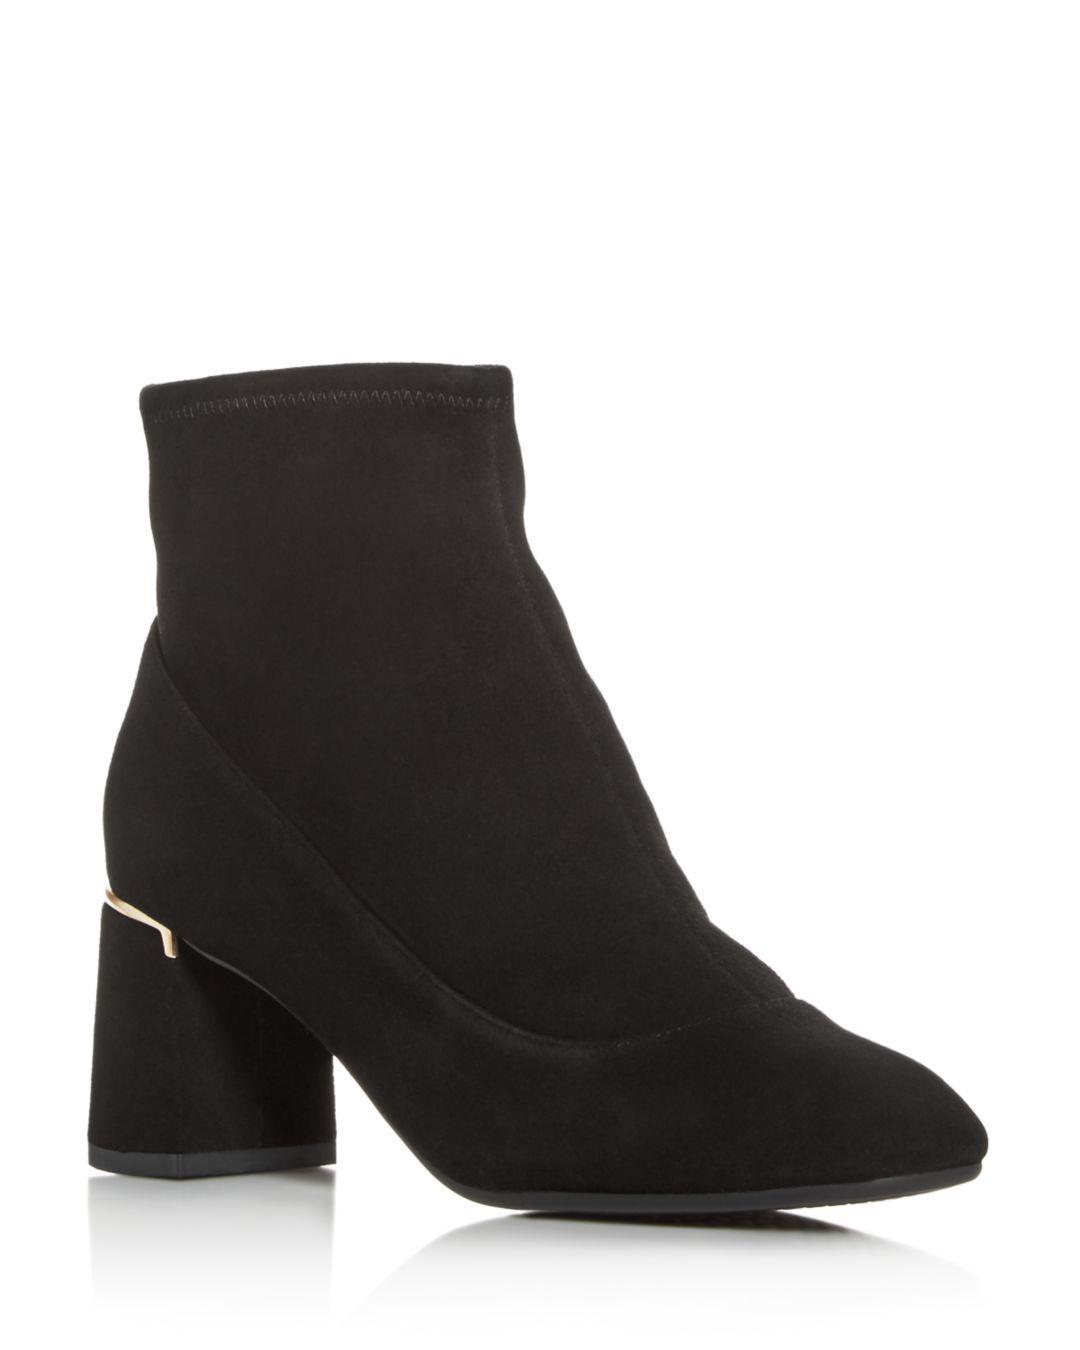 fe86c37639d Lyst - Cole Haan Women s Laree Block-heel Booties in Black